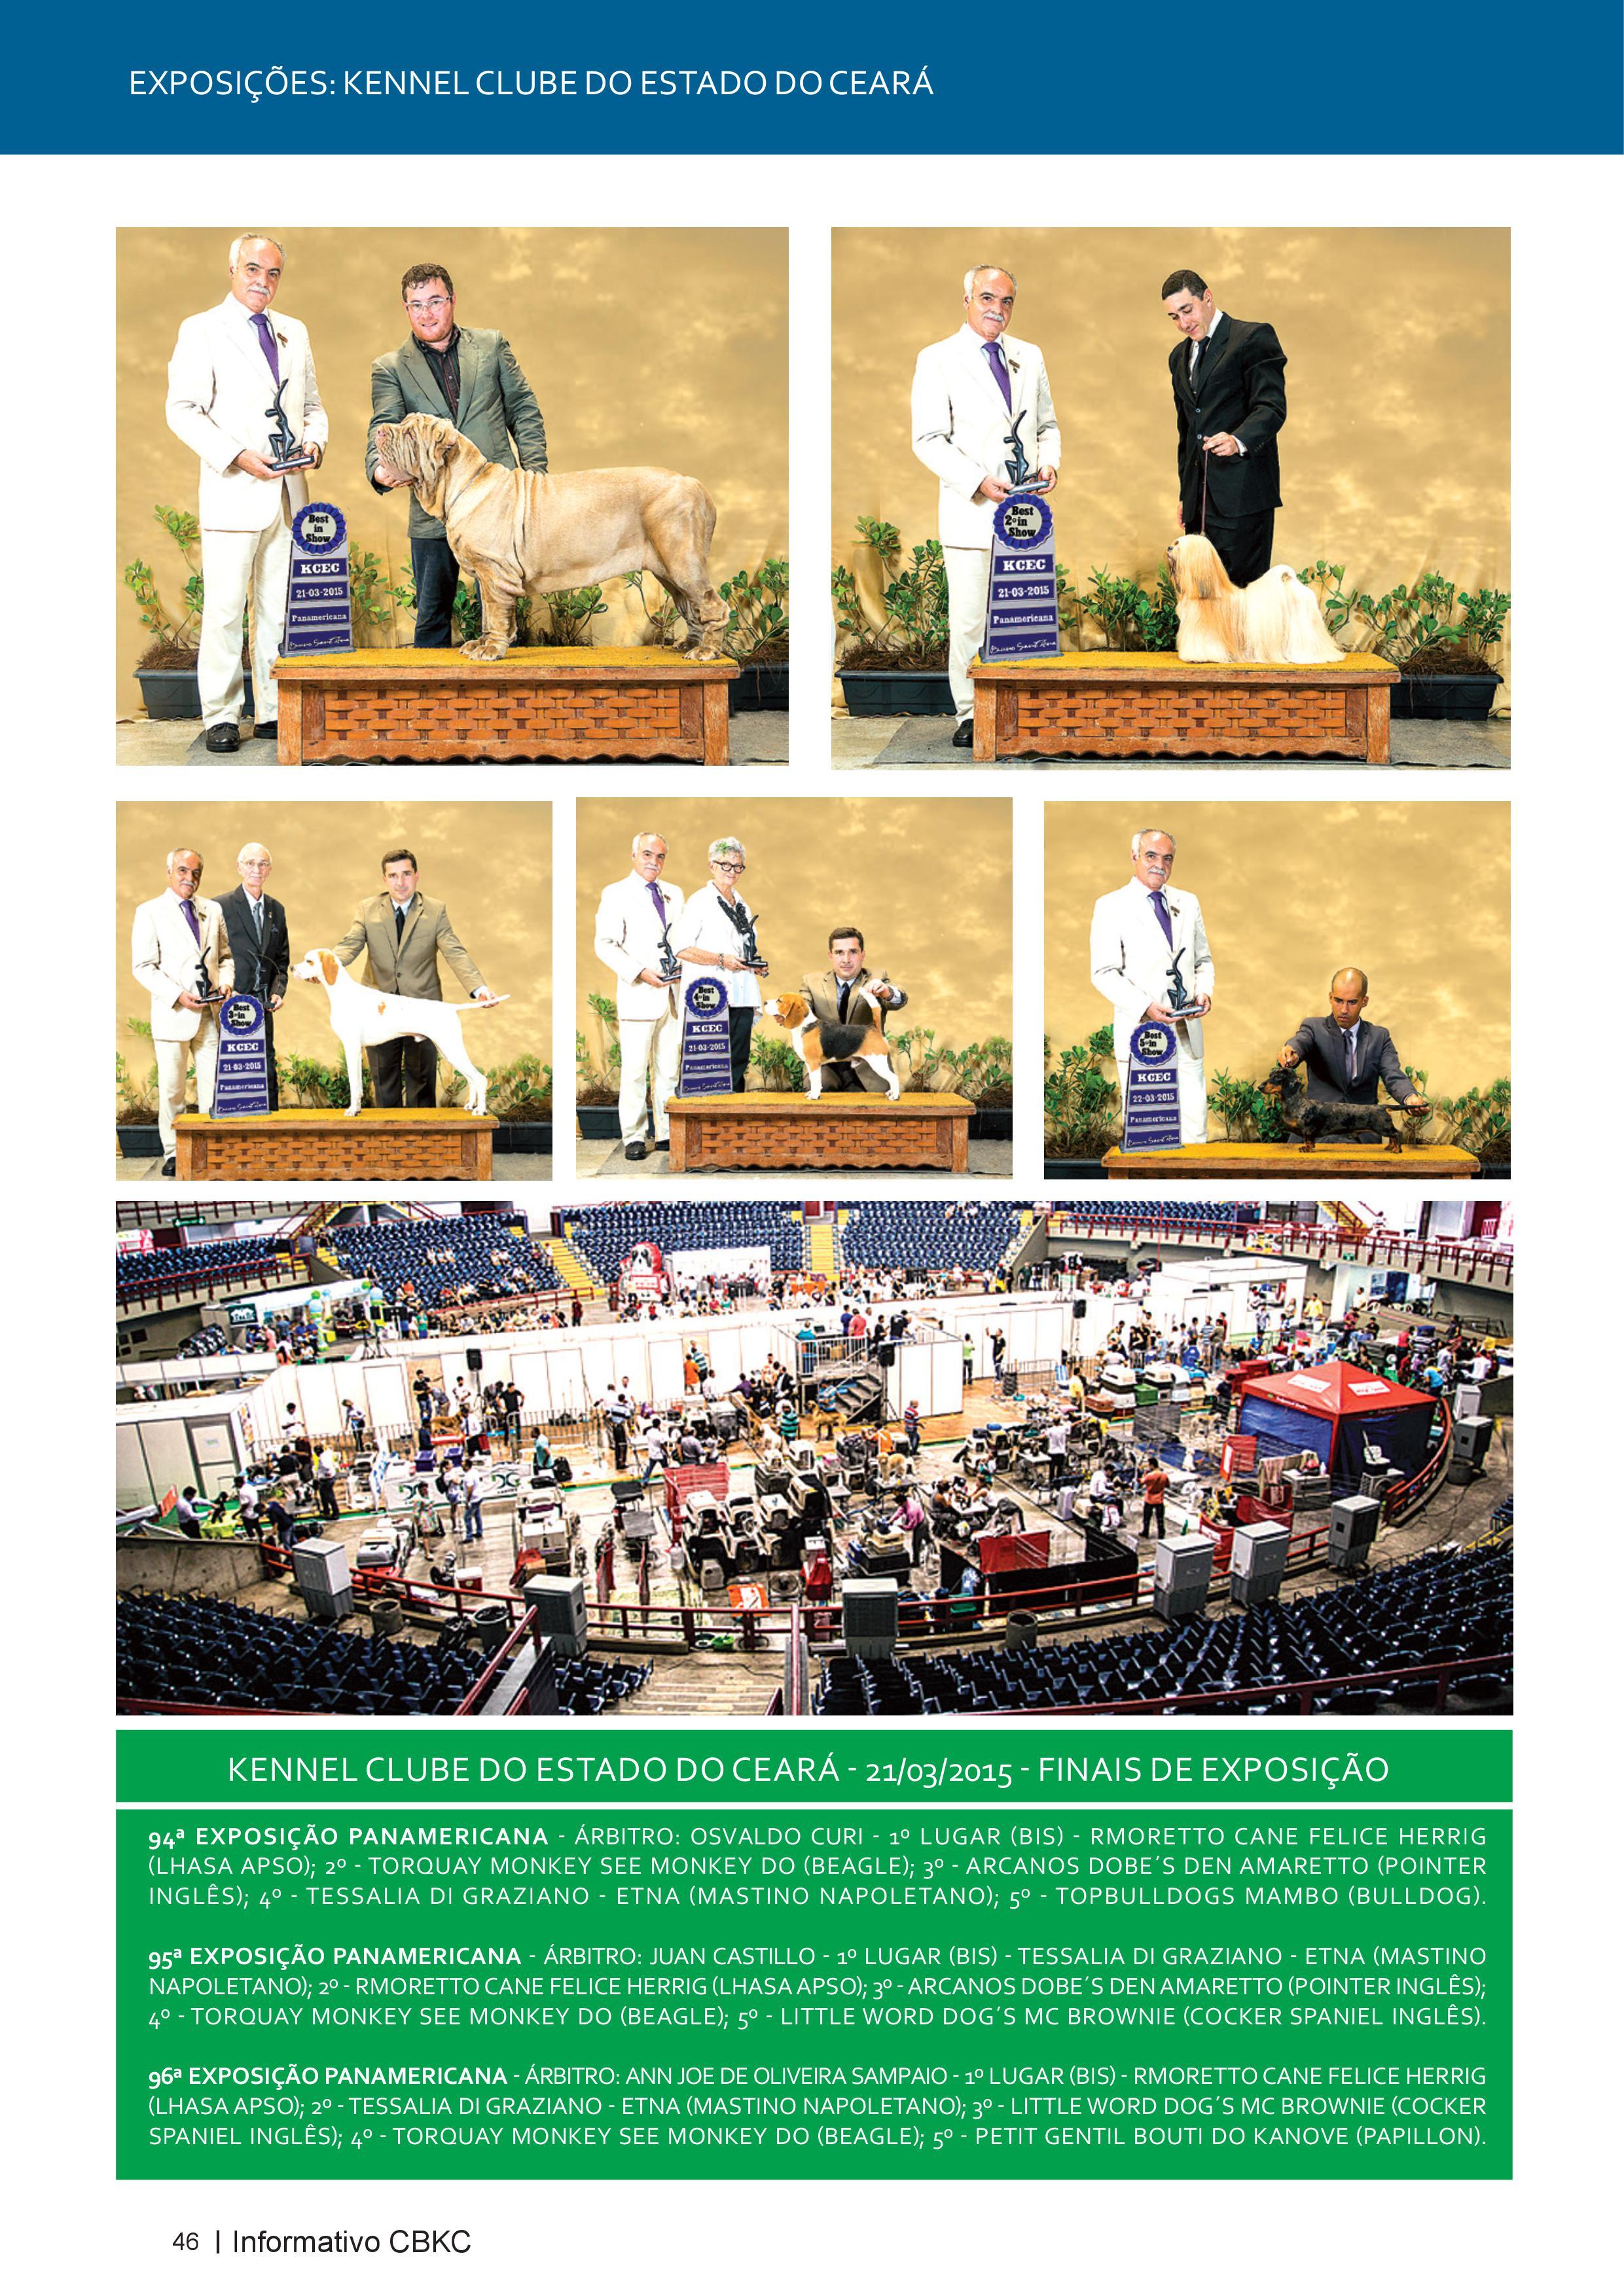 Pagina 46| Edição 50 do Informativo CBKC